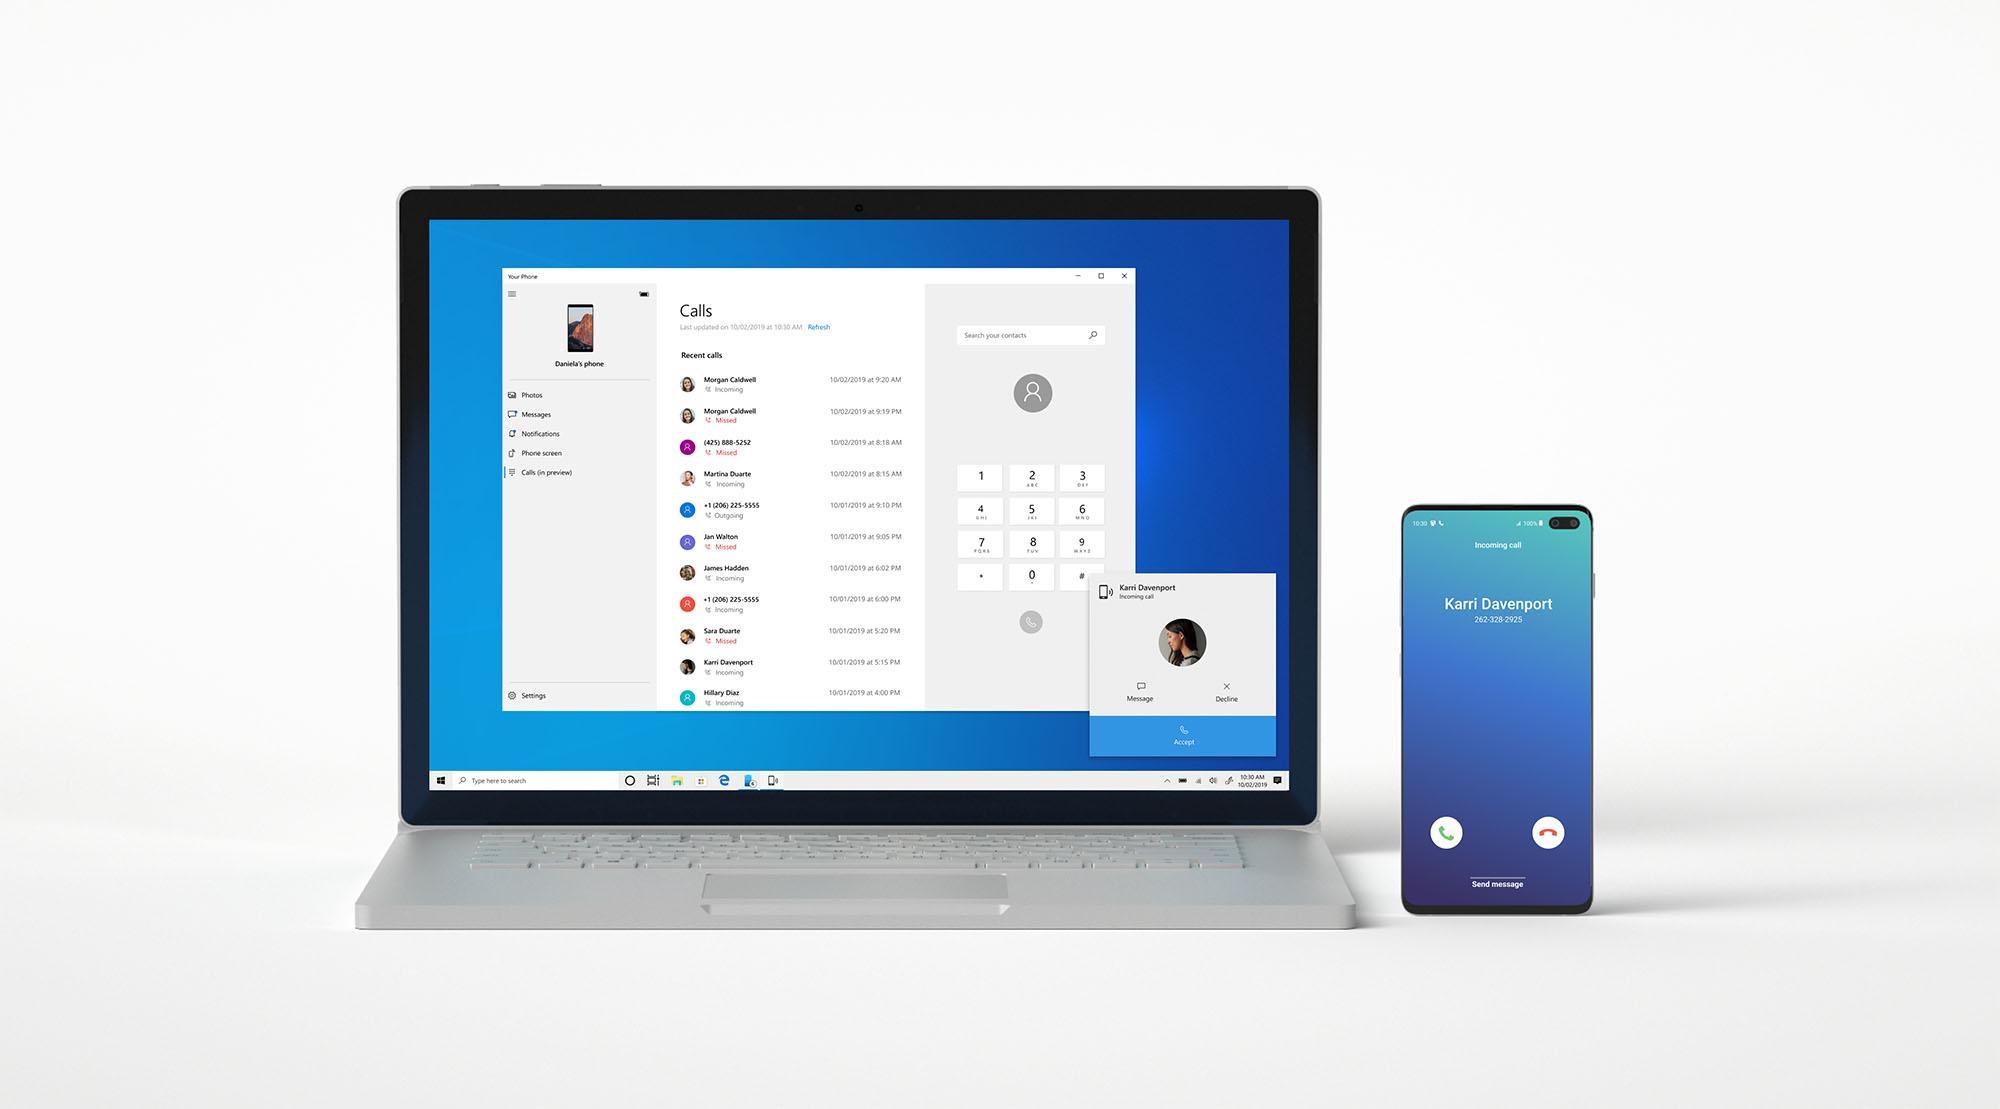 Cette nouveauté montre que l'avenir de Windows passe par l'union avec Android